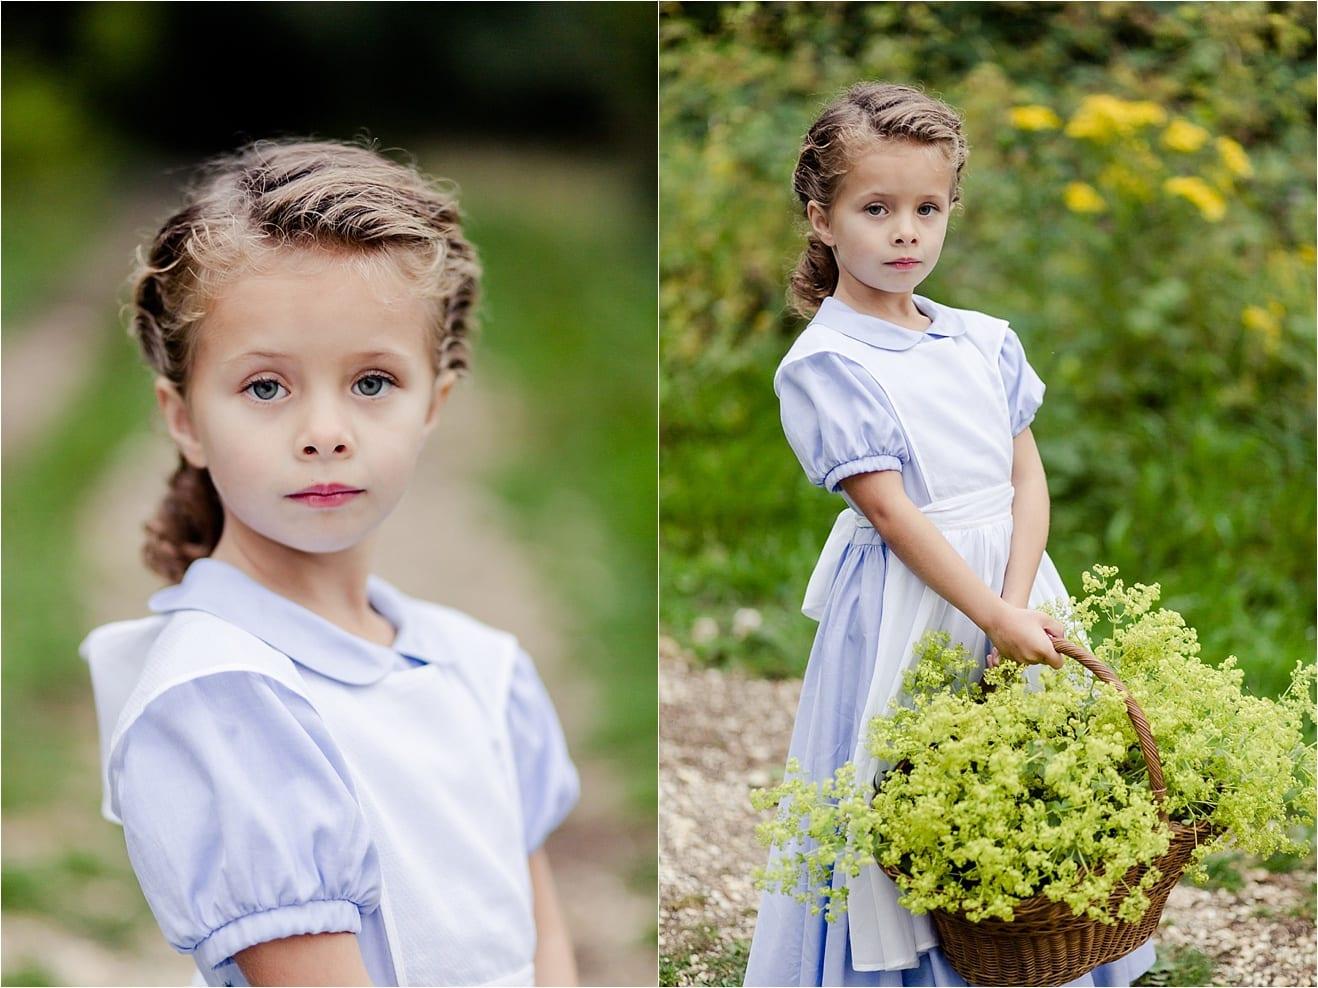 058_PLEASECREDIT-eddie-judd-photography-pierre-carr-styling-babiekins-WEBSIZE